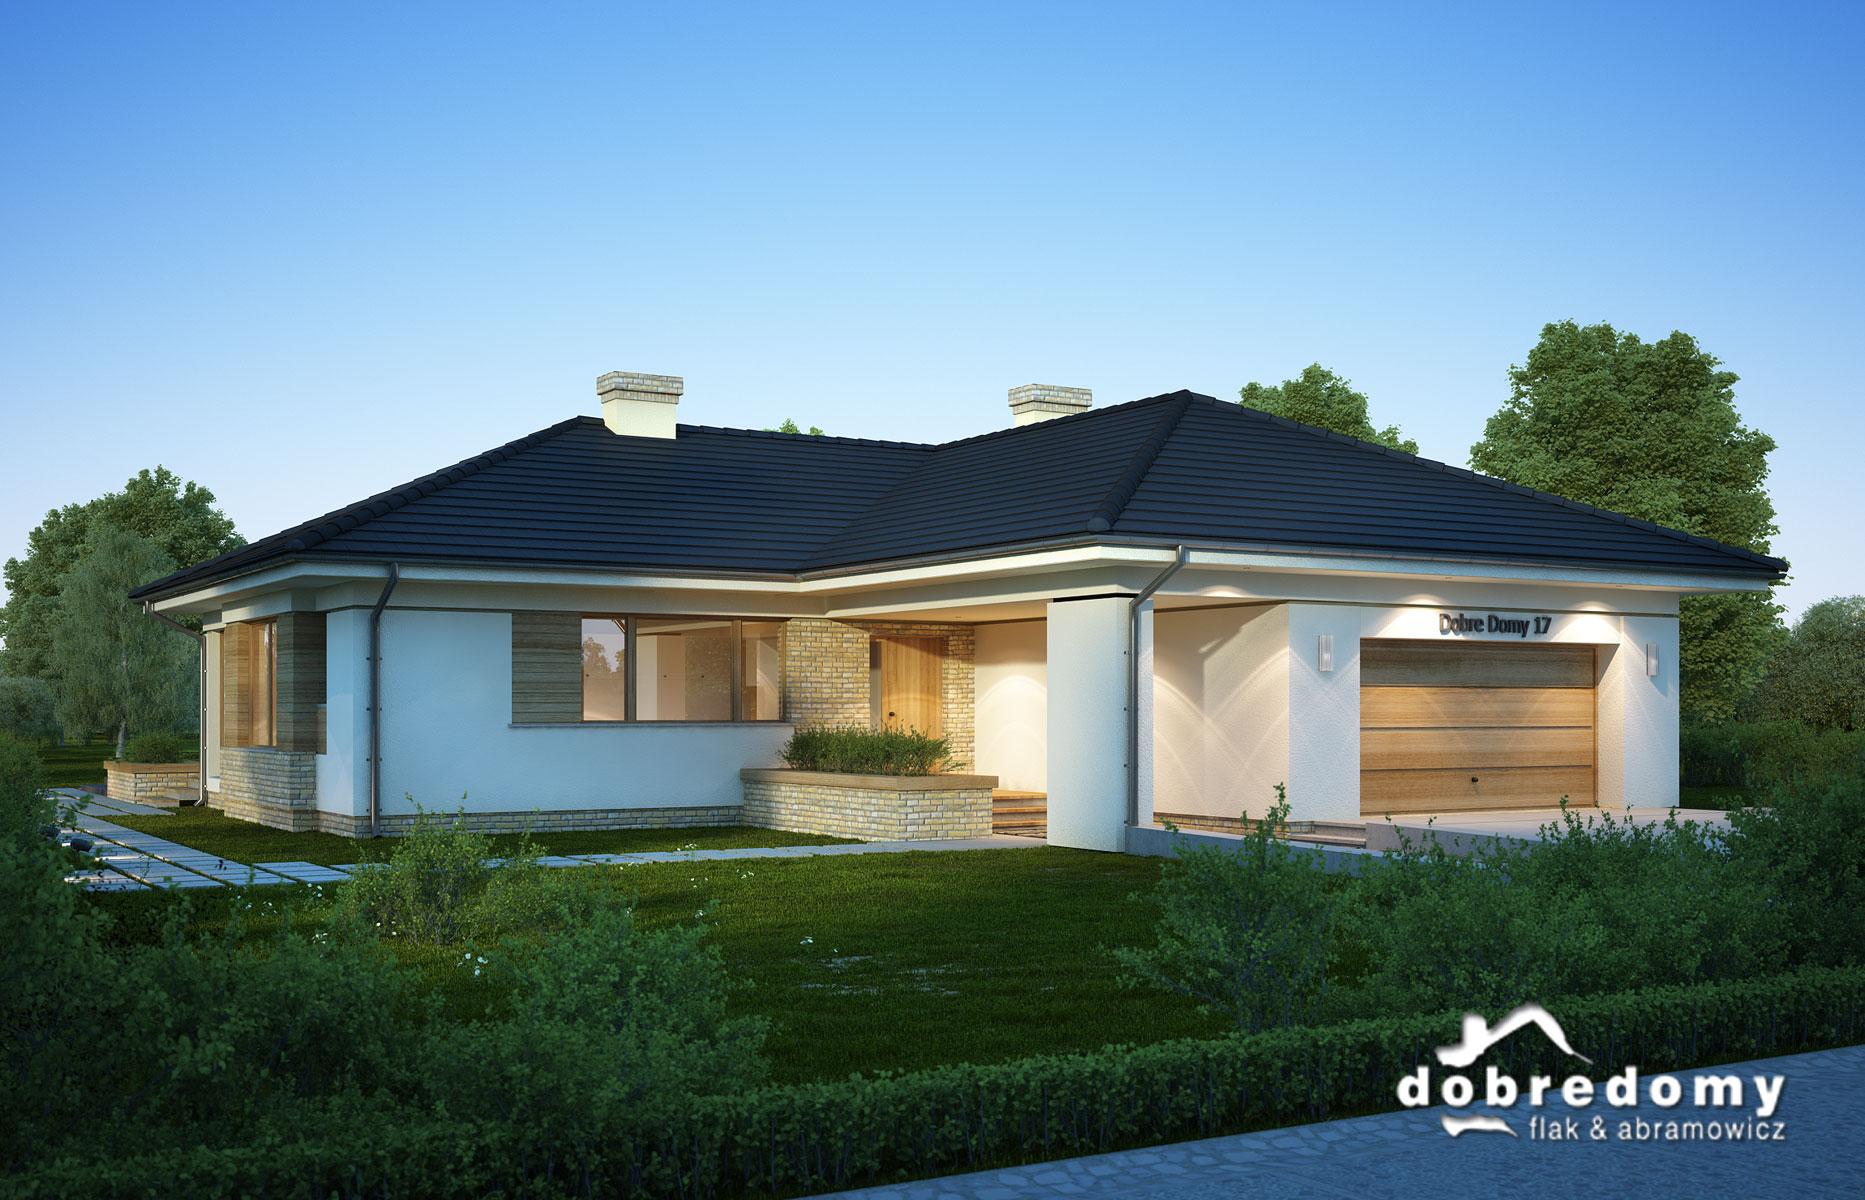 Tanie ogrzewanie domu – w co najlepiej zainwestować?